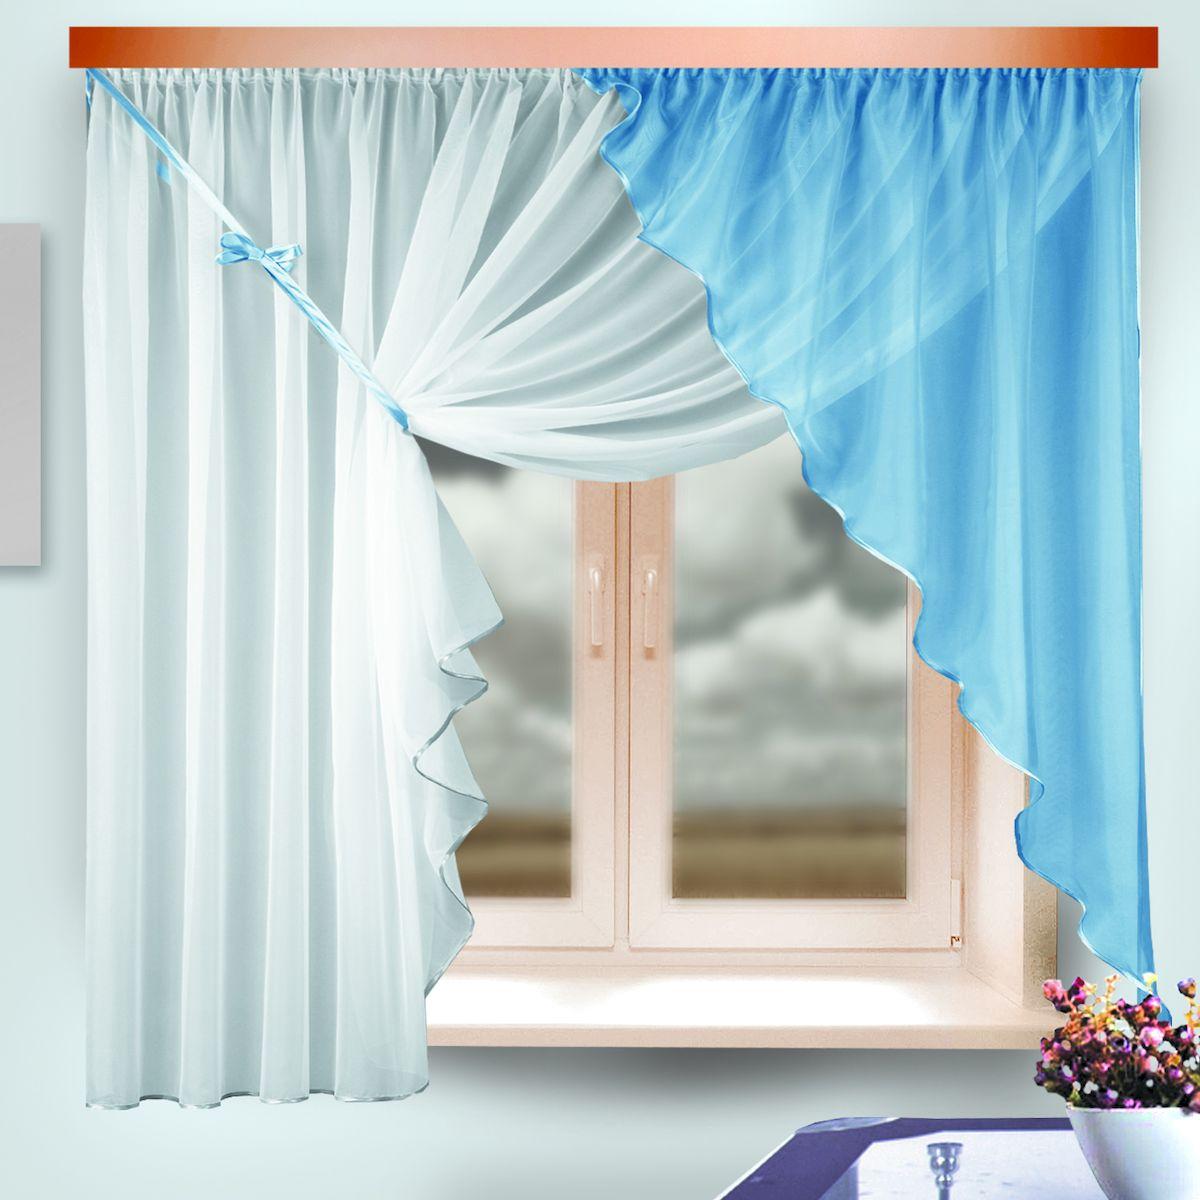 Комплект штор для кухни Zlata Korunka, на ленте, цвет: белый, голубой, высота 170 см. 333310 комплект штор для кухни wisan celina на ленте цвет белый оранжевый высота 180 см